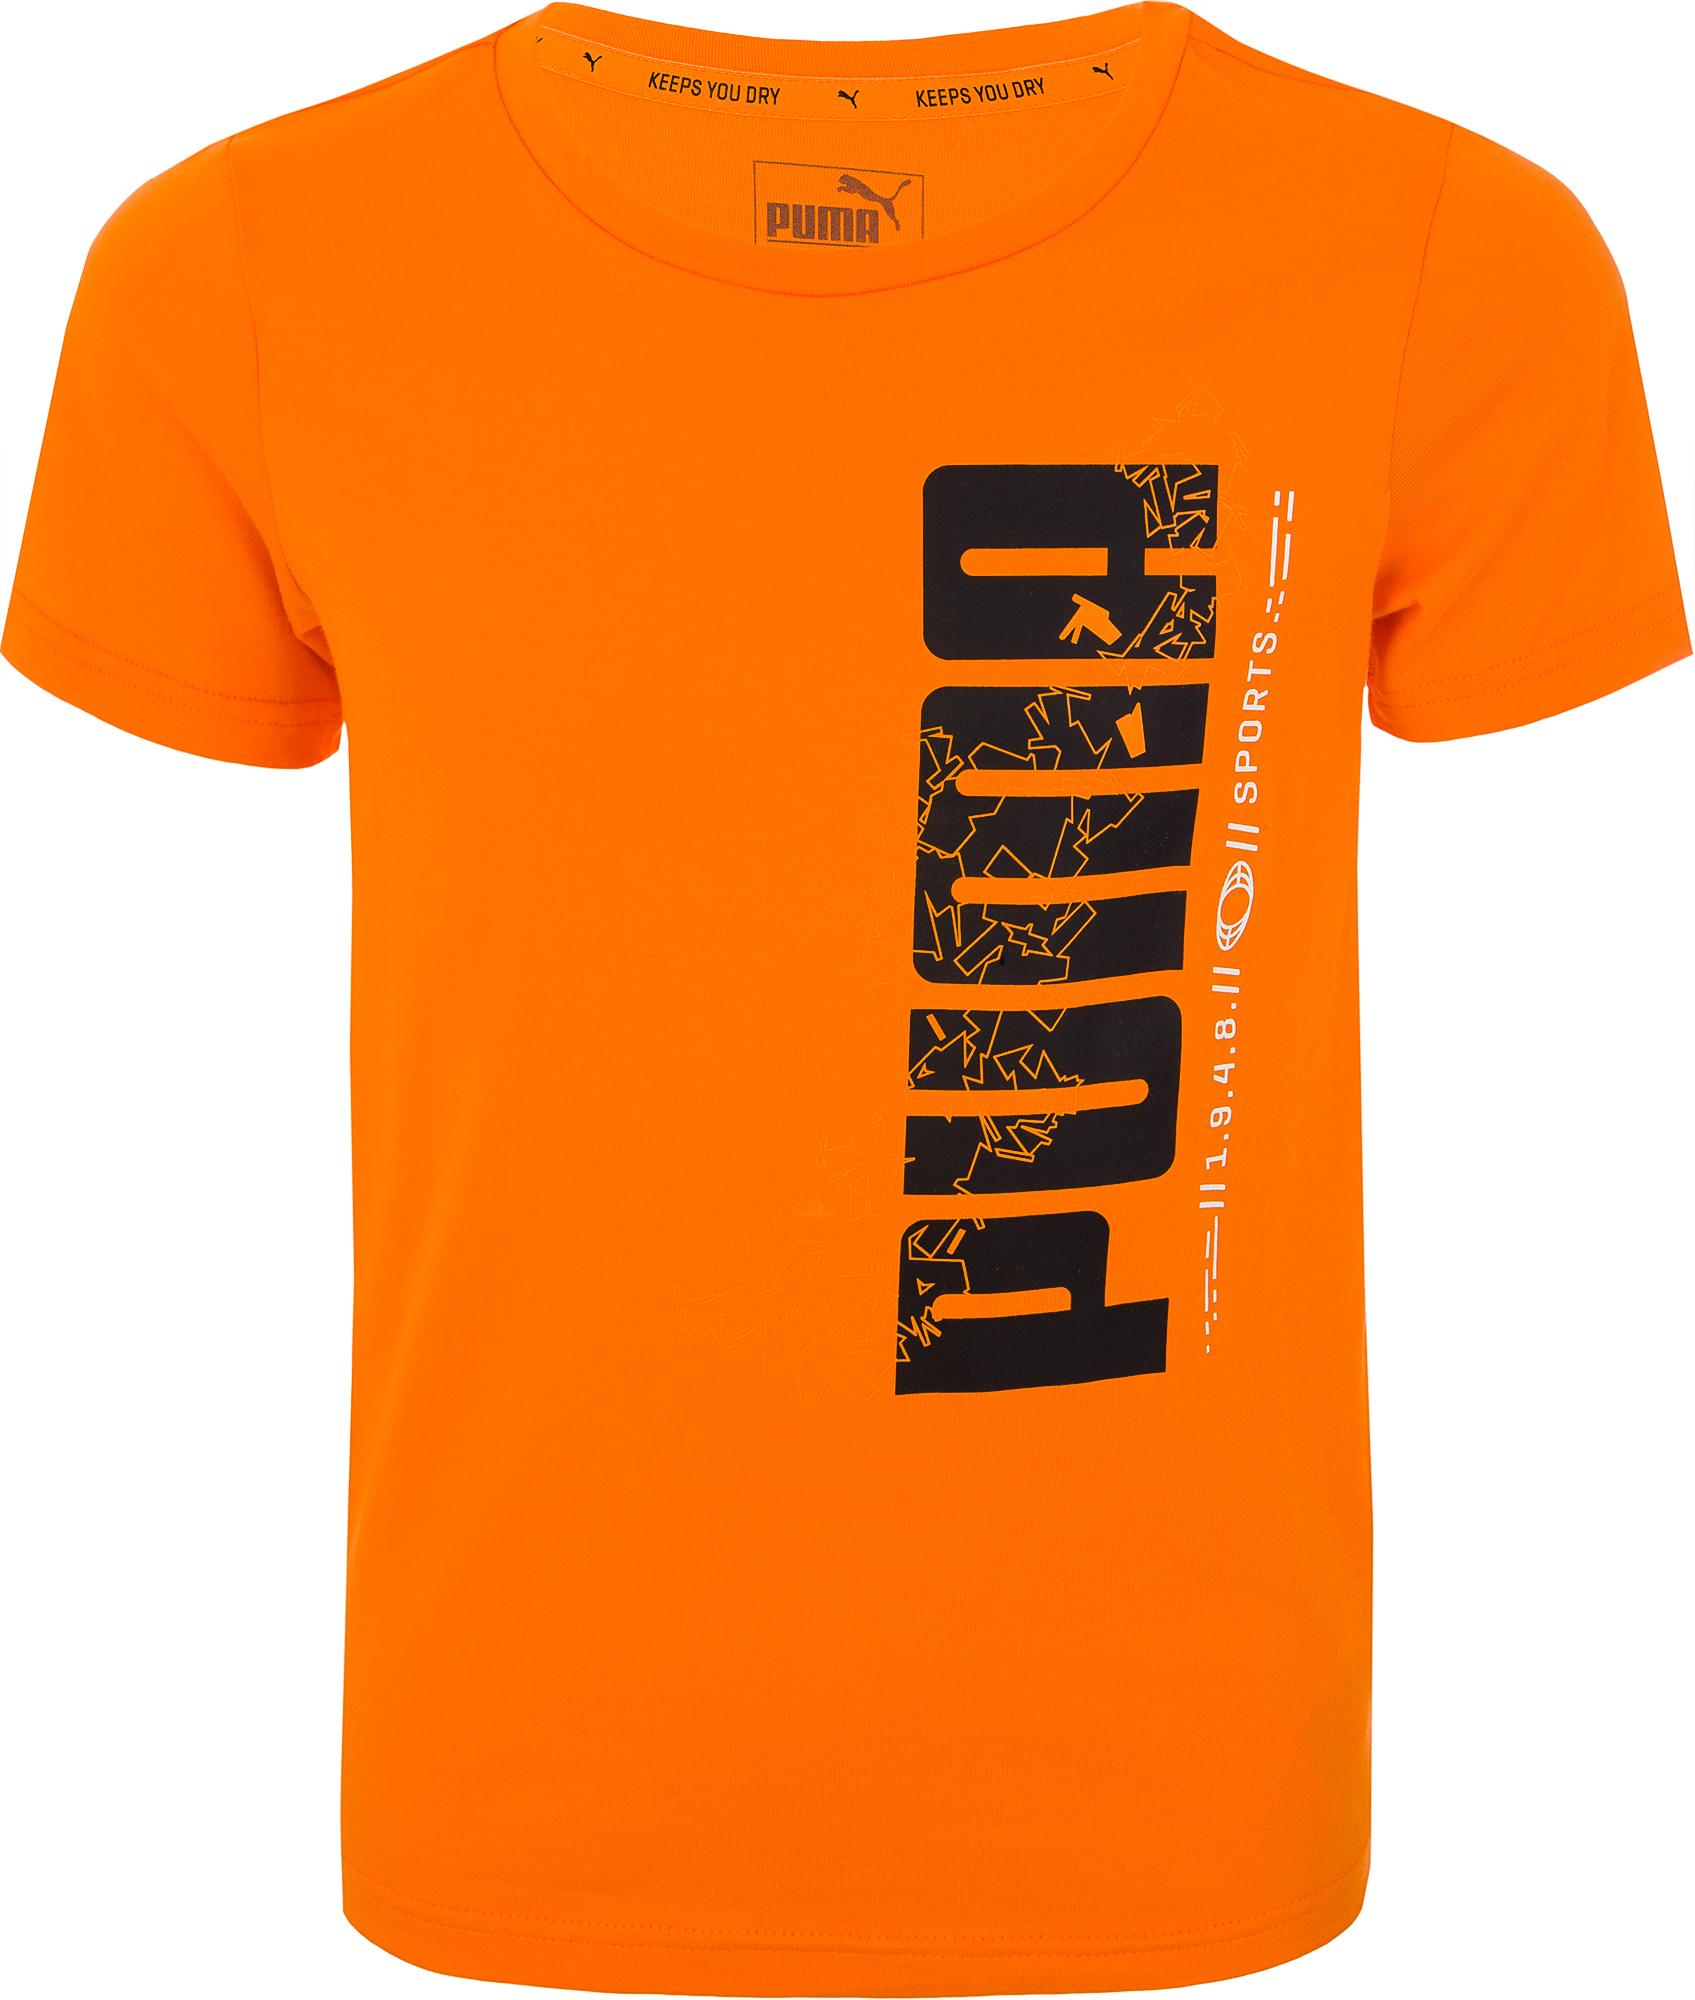 Puma Футболка для мальчиков Puma Active Basic Tee, размер 164 футболка женская puma evo tee цвет персиковый 57511231 размер m 44 46